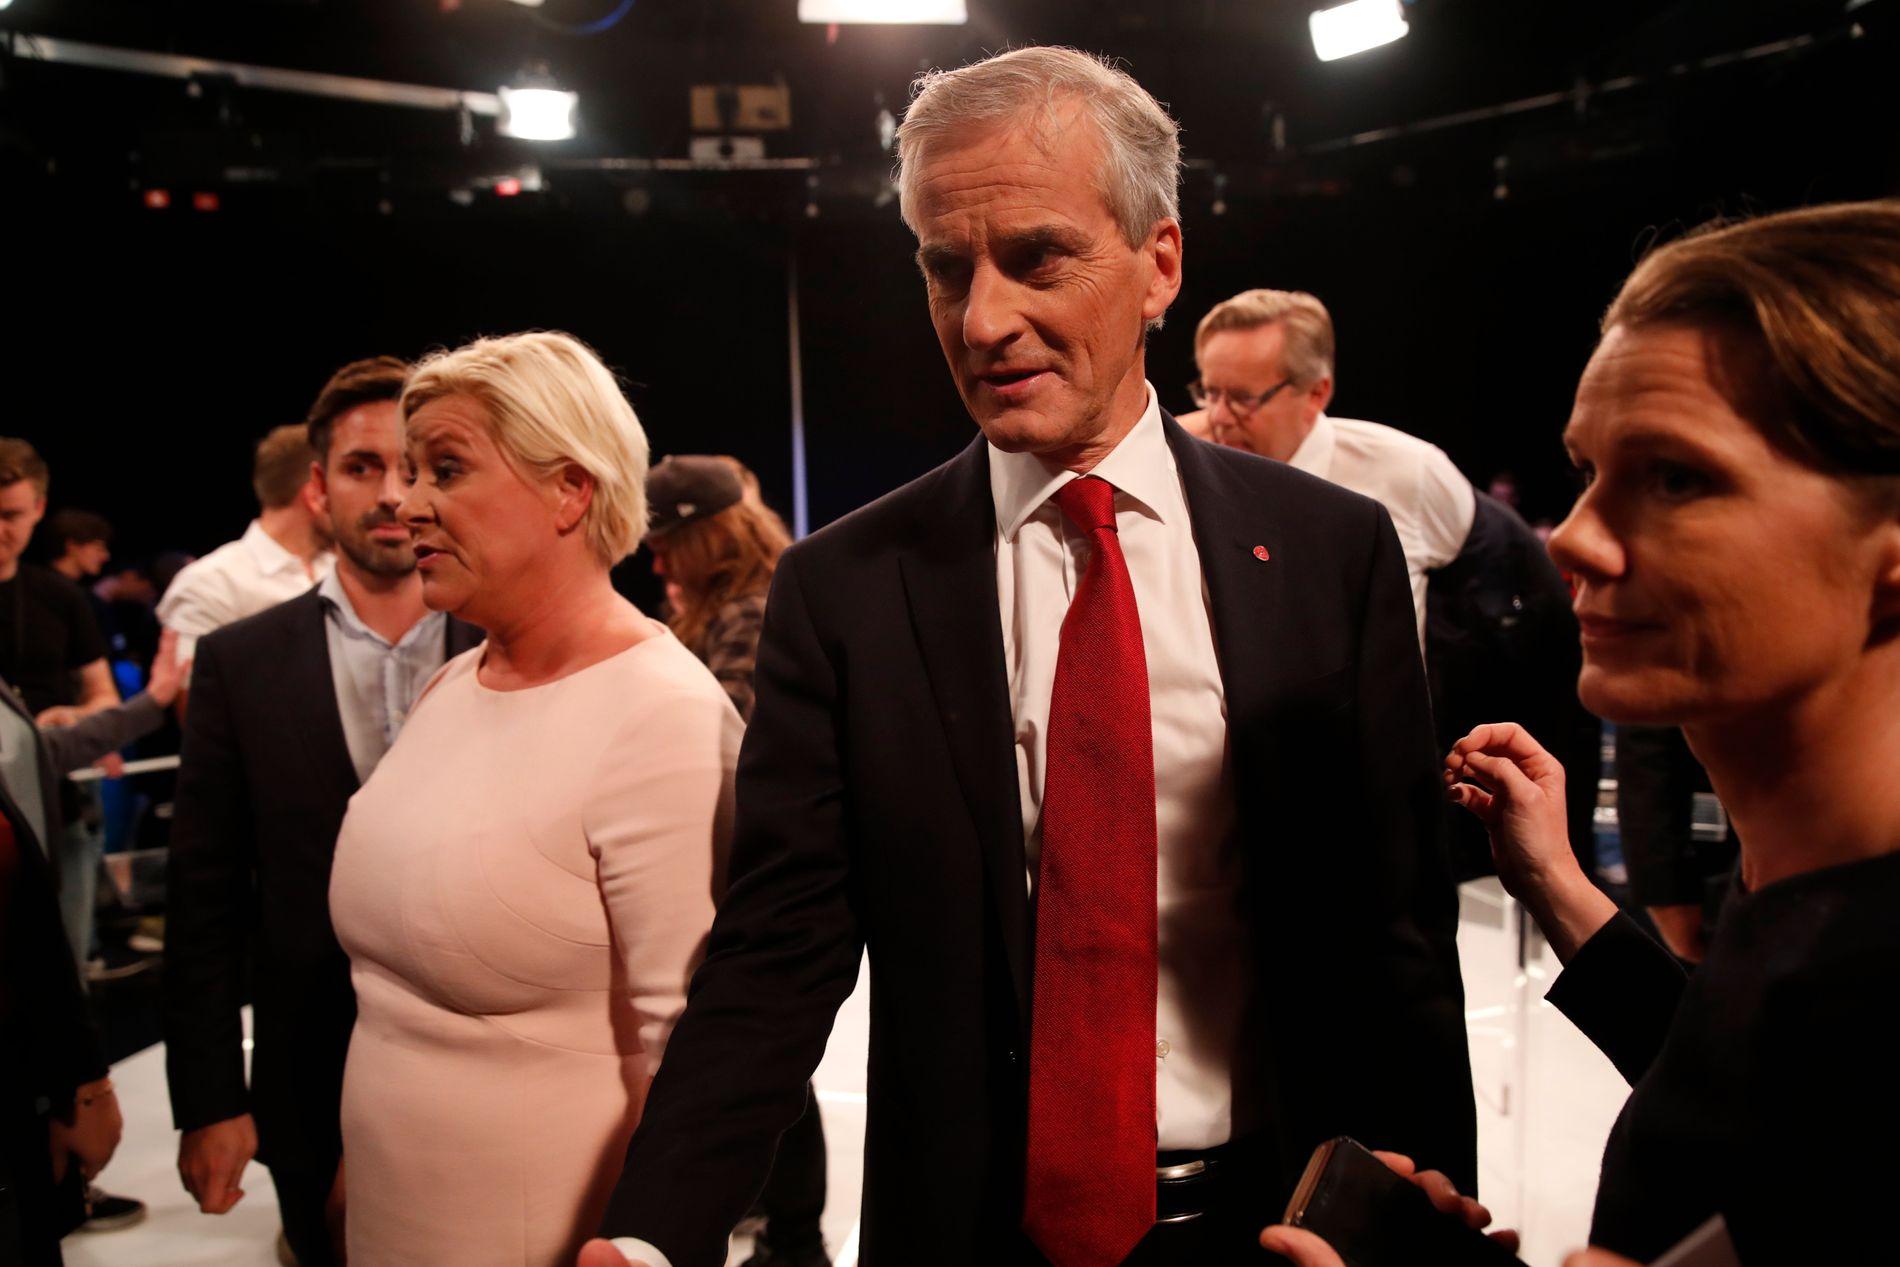 SAMARBEID GIR SEIER: Jonas Gahr Støre (AP) og Siv Jensen (Frp) etter partilederdebatten på TV2 torsdag kveld.